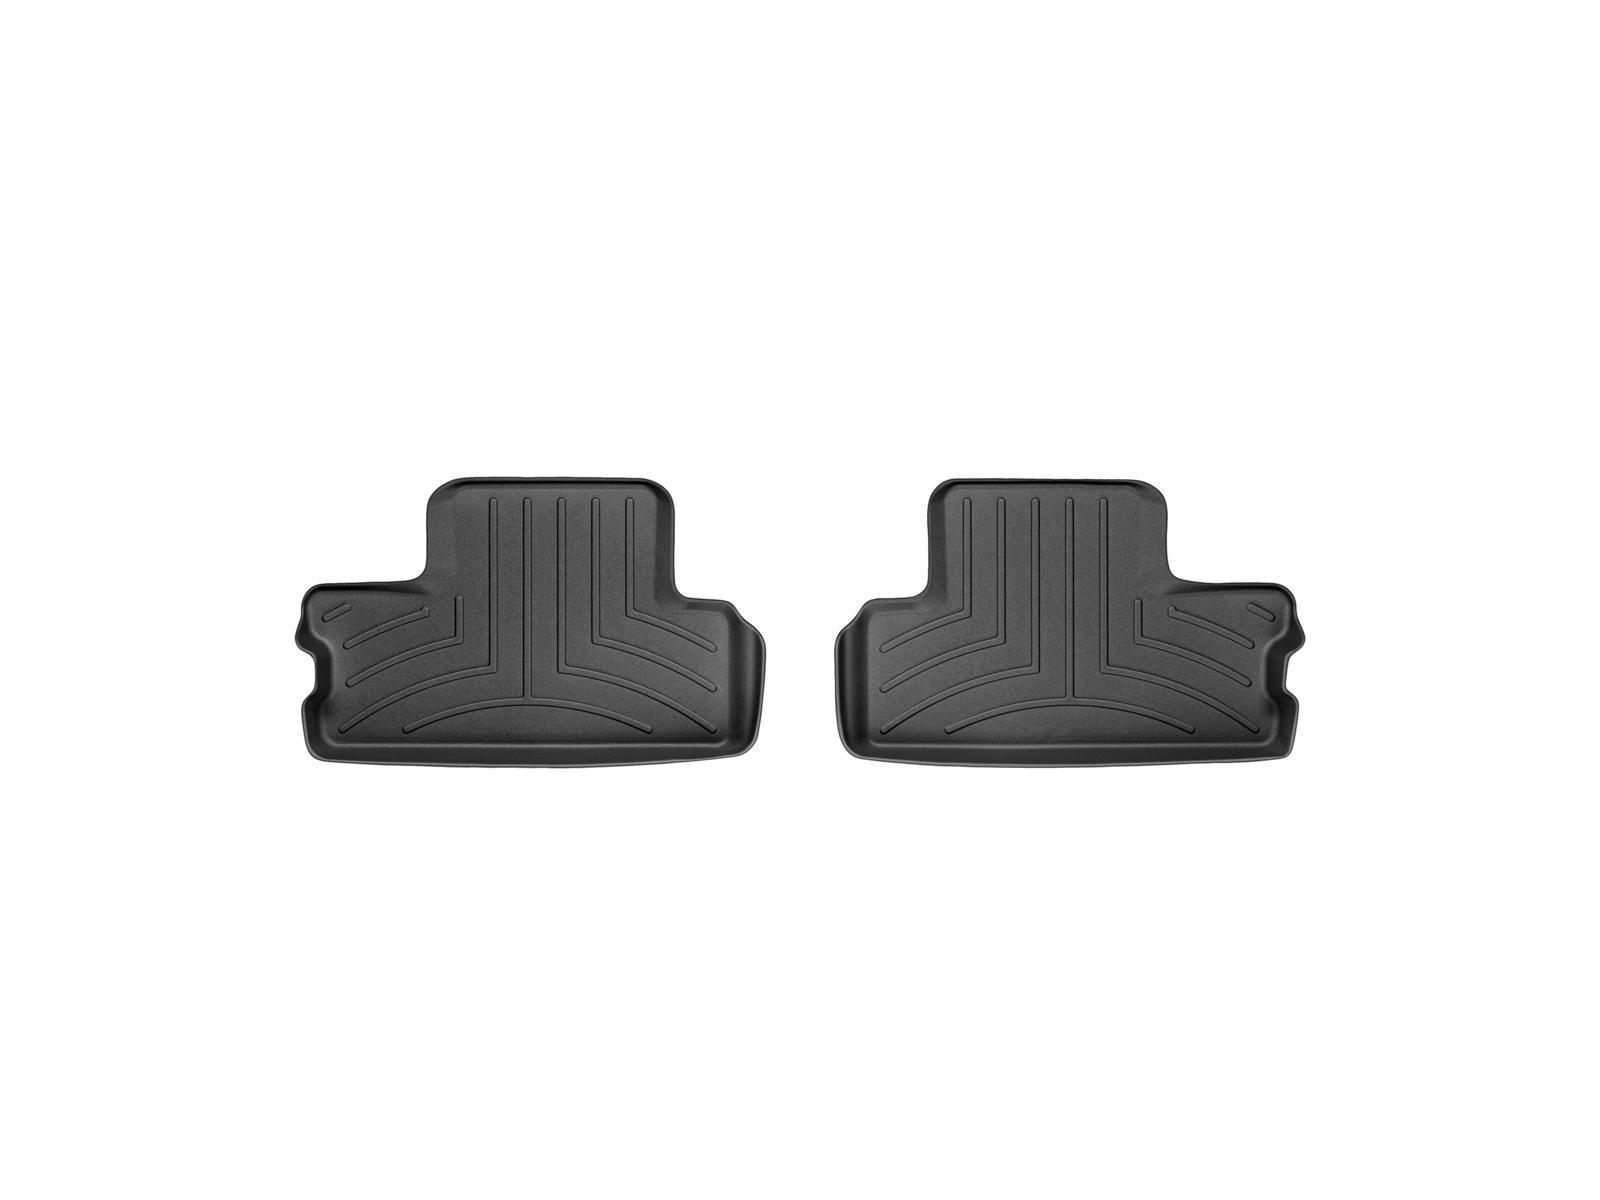 Tappeti gomma su misura bordo alto MINI Cooper / Cooper S 02>13 Nero A2670*